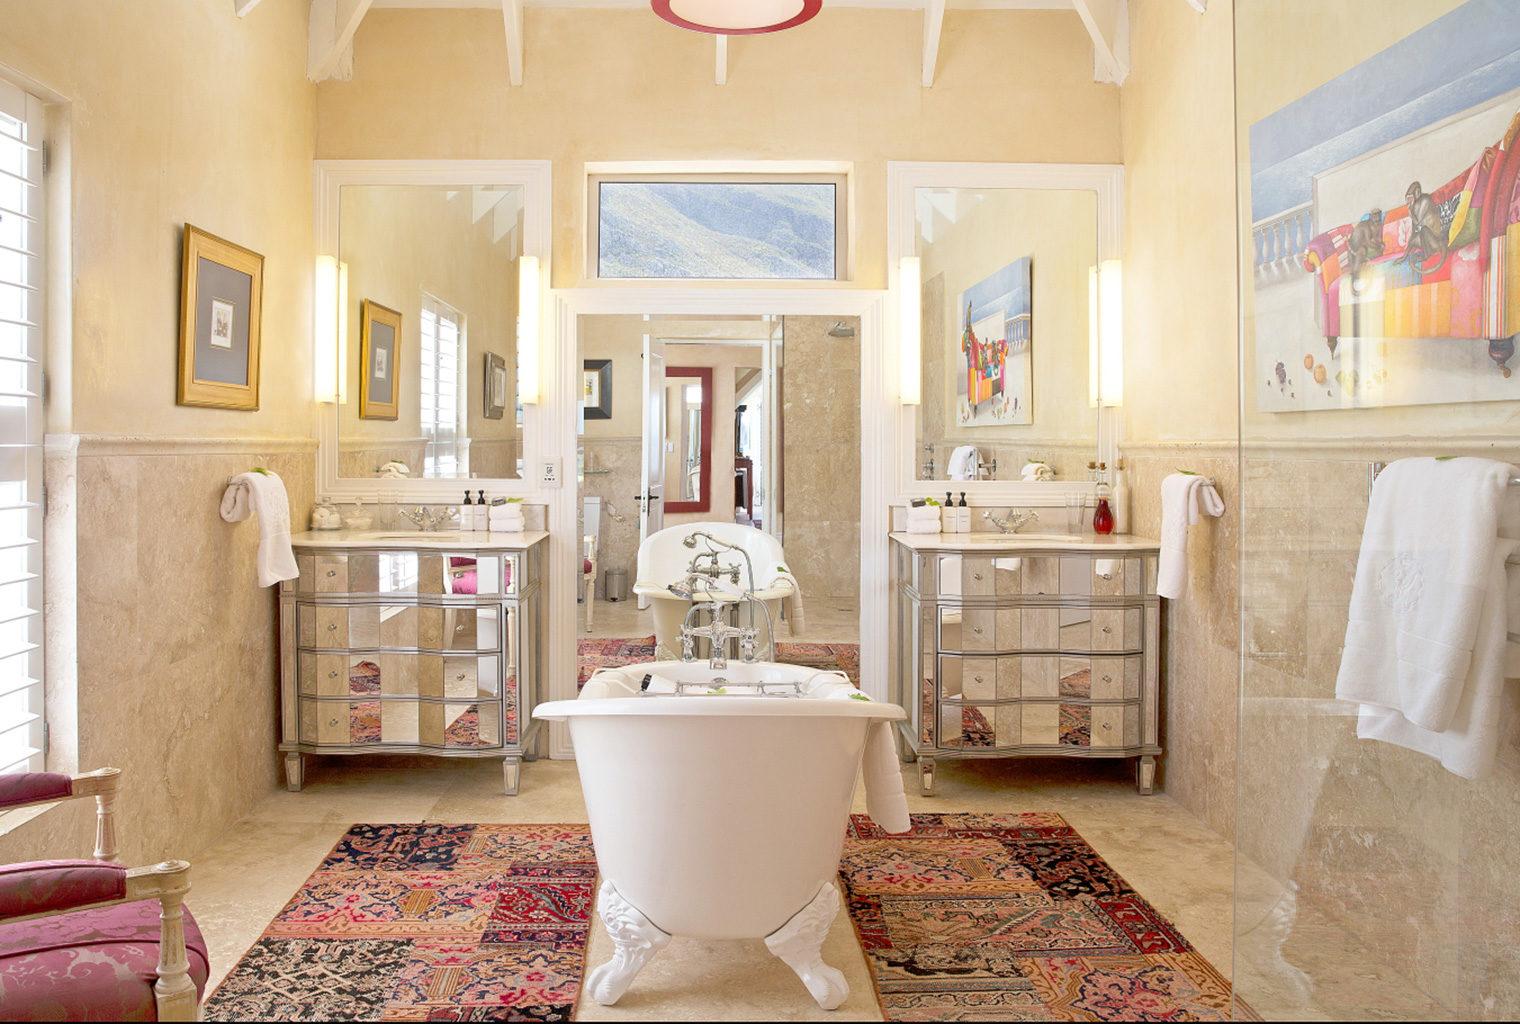 Birkenhead-House-South-Africa-Bathroom